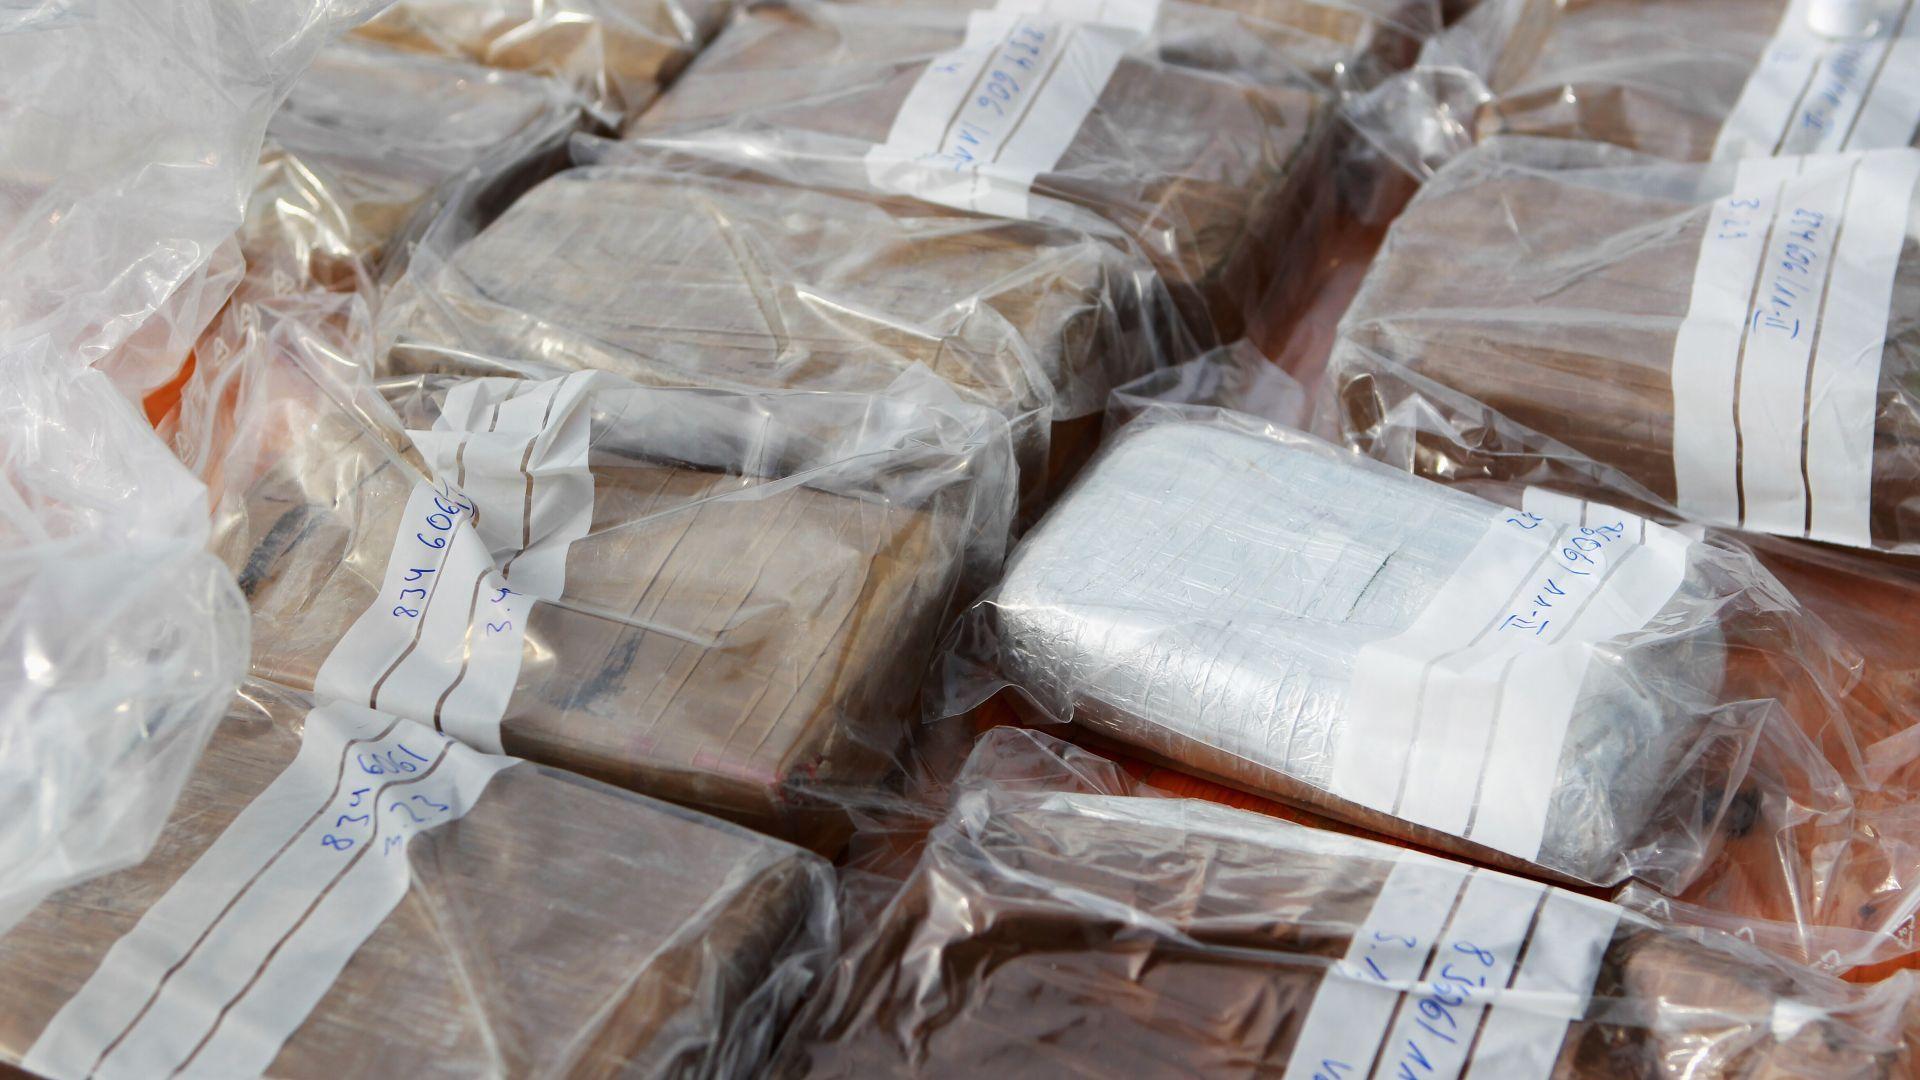 Румънската дирекция за борба с организираната престъпност съобщи, че стойността